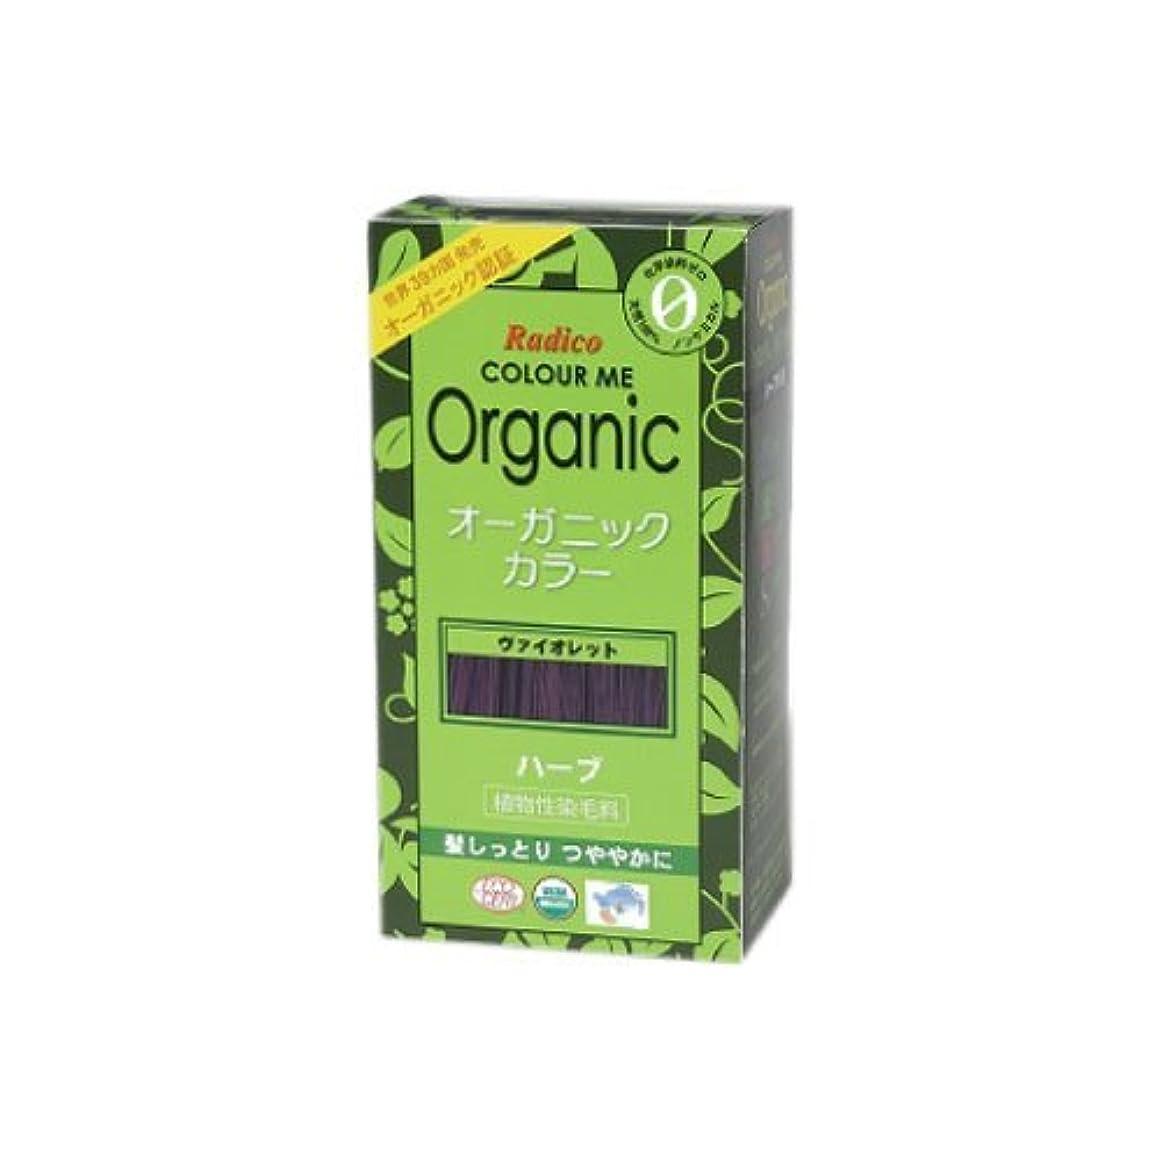 COLOURME Organic (カラーミーオーガニック ヘナ 白髪用 紫色) ヴァイオレット 100g